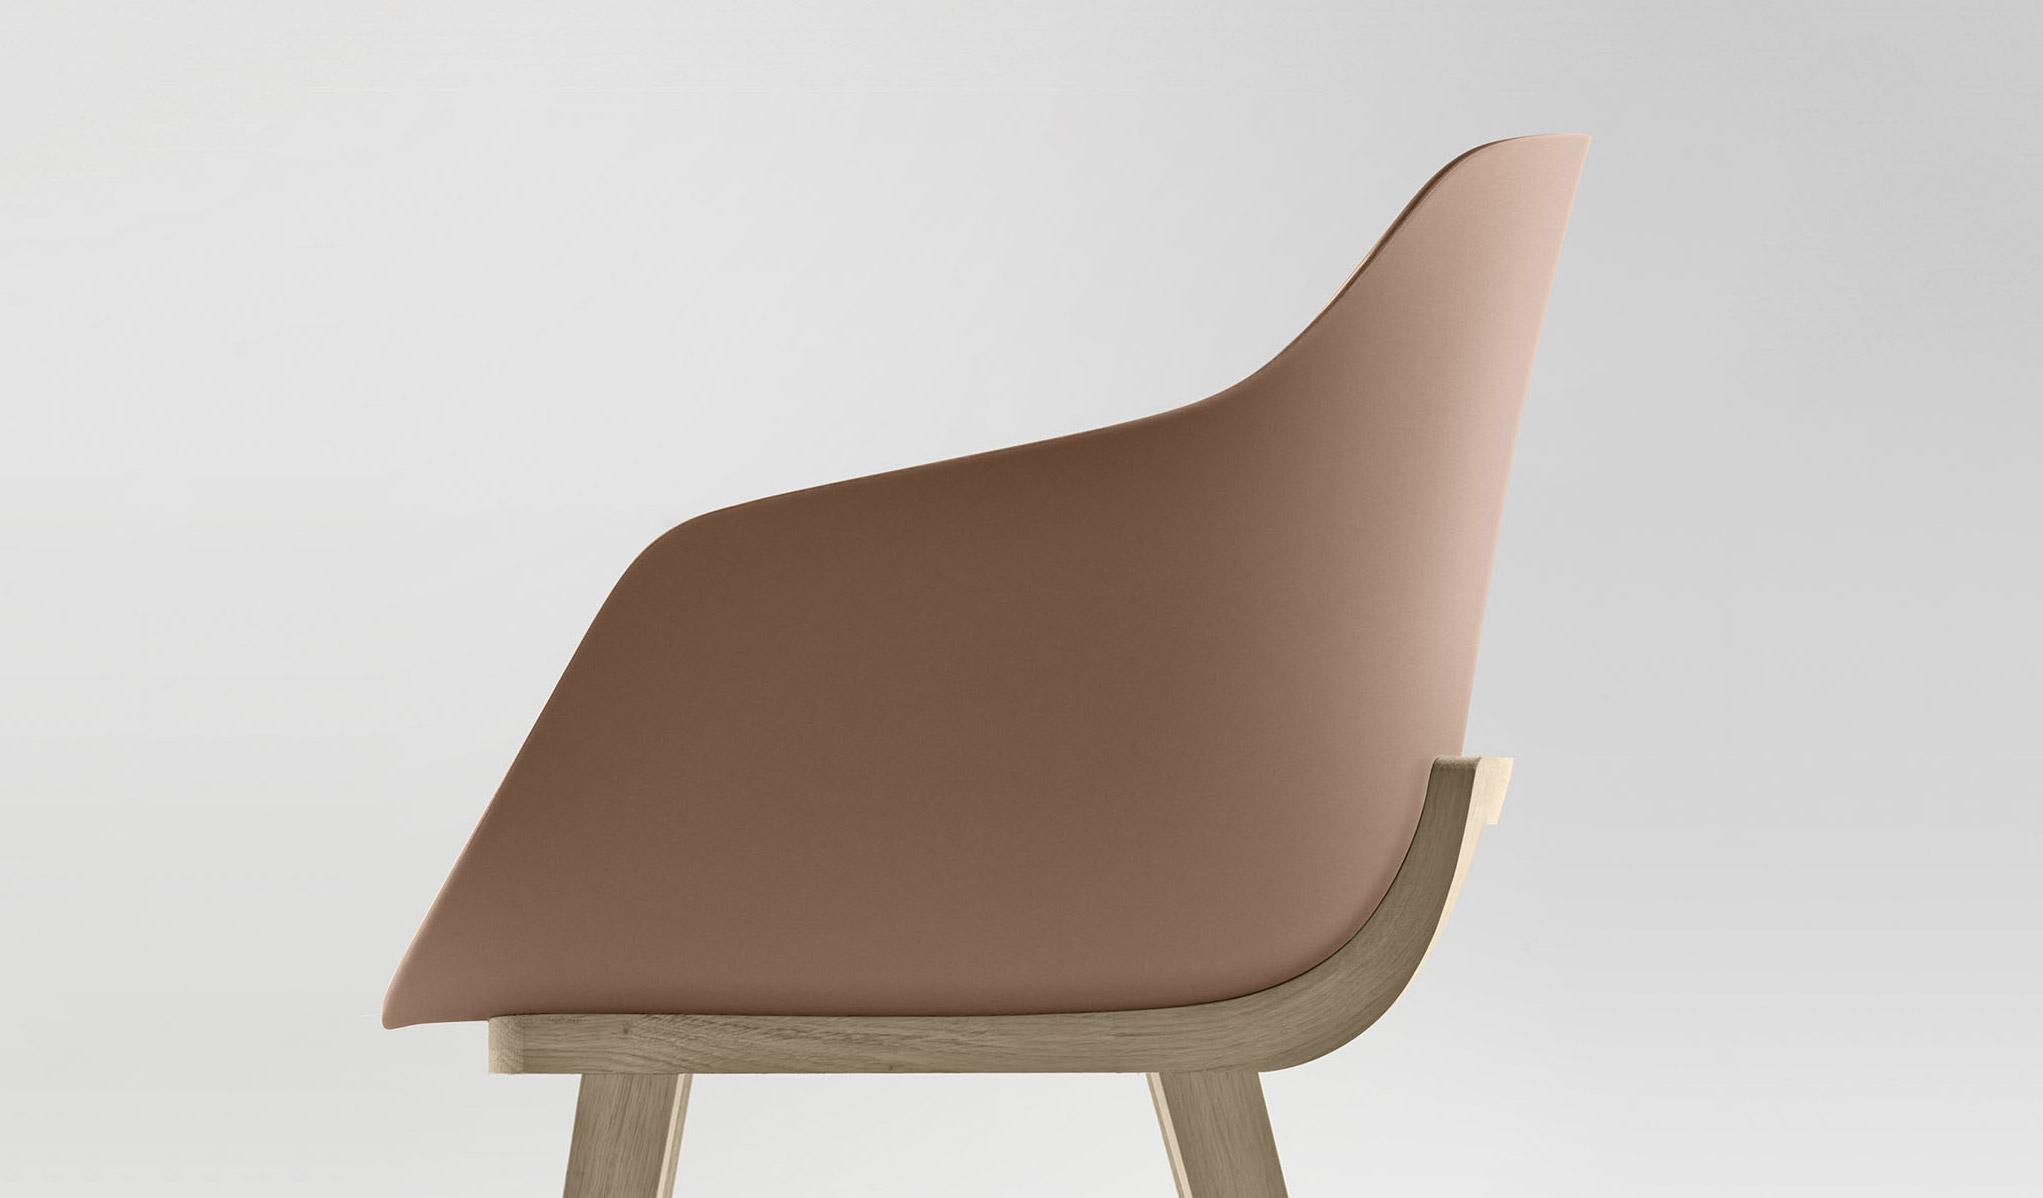 Iratzoki-Lizaso-Kuskoa-Bi-Bioplastic-Chair-Close-Up-2-toitoitoiluv.jpg